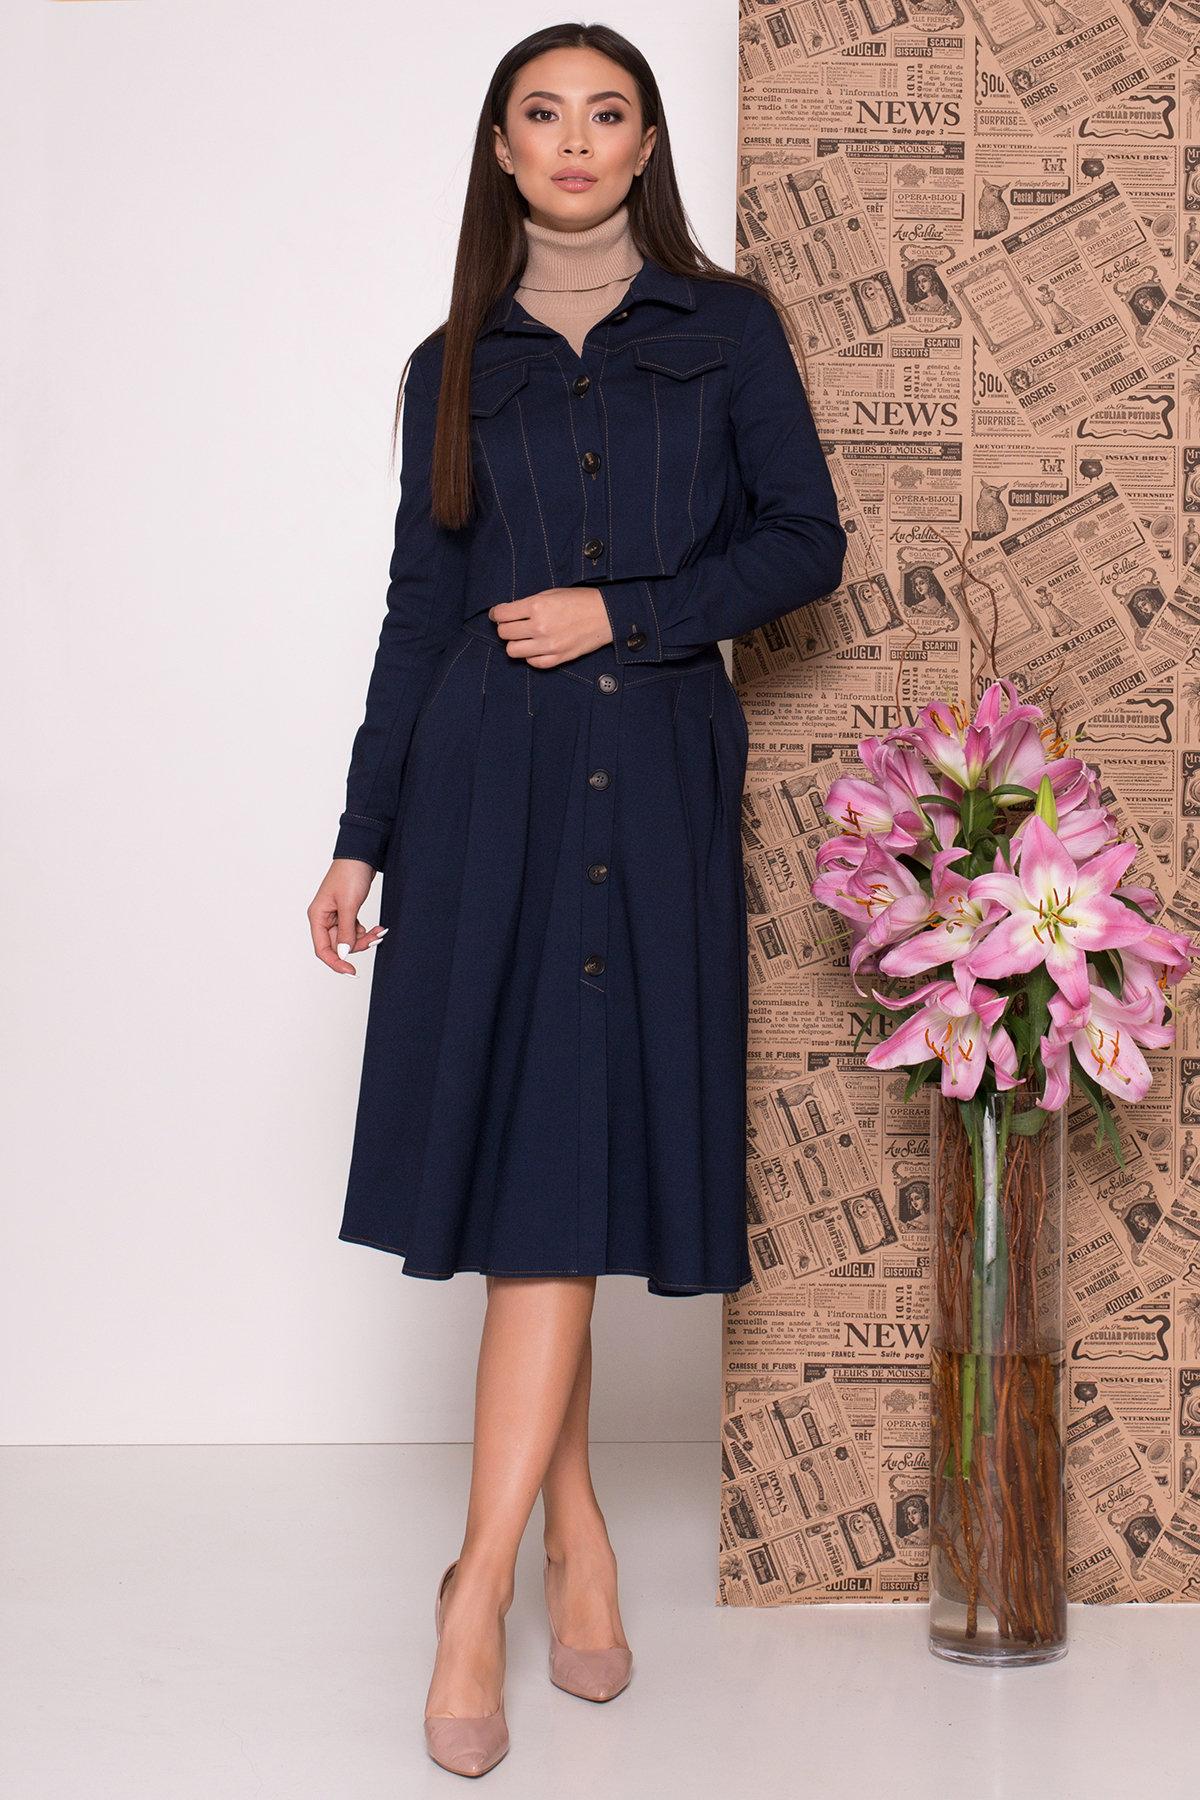 Костюм с юбкой и укороченным жакетом Ливана 7786 Цвет: т.джинс